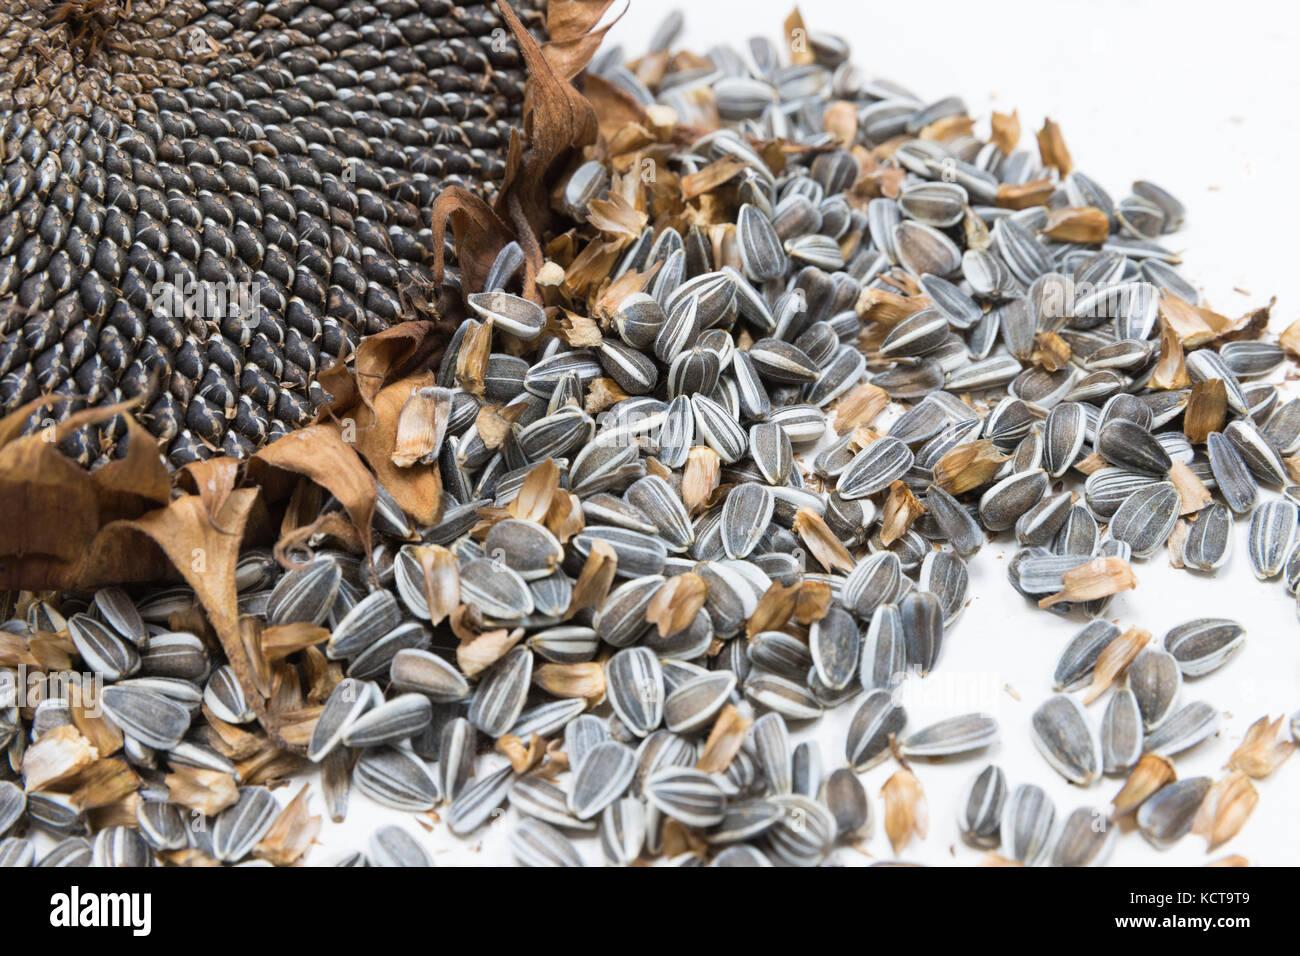 Teste di semi di girasole Semi di raccolto Immagini Stock